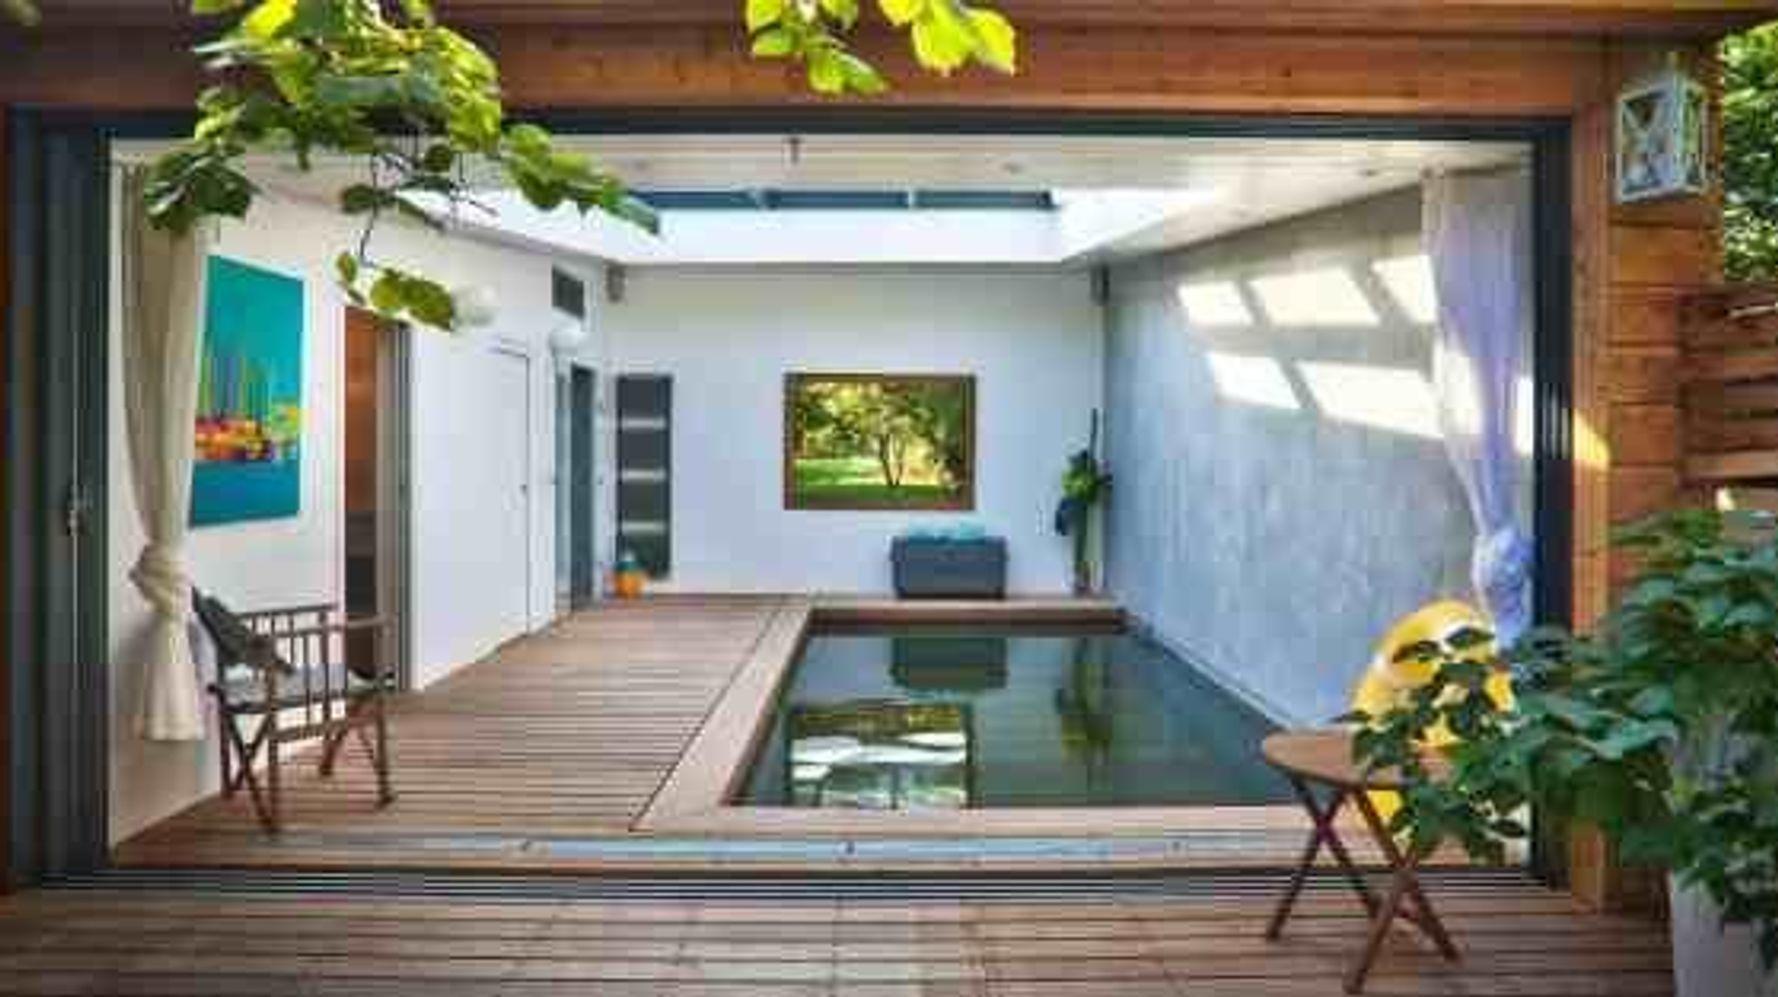 Extension Maison Piscine Couverte photos. cette piscine couverte donne envie de s'installer en